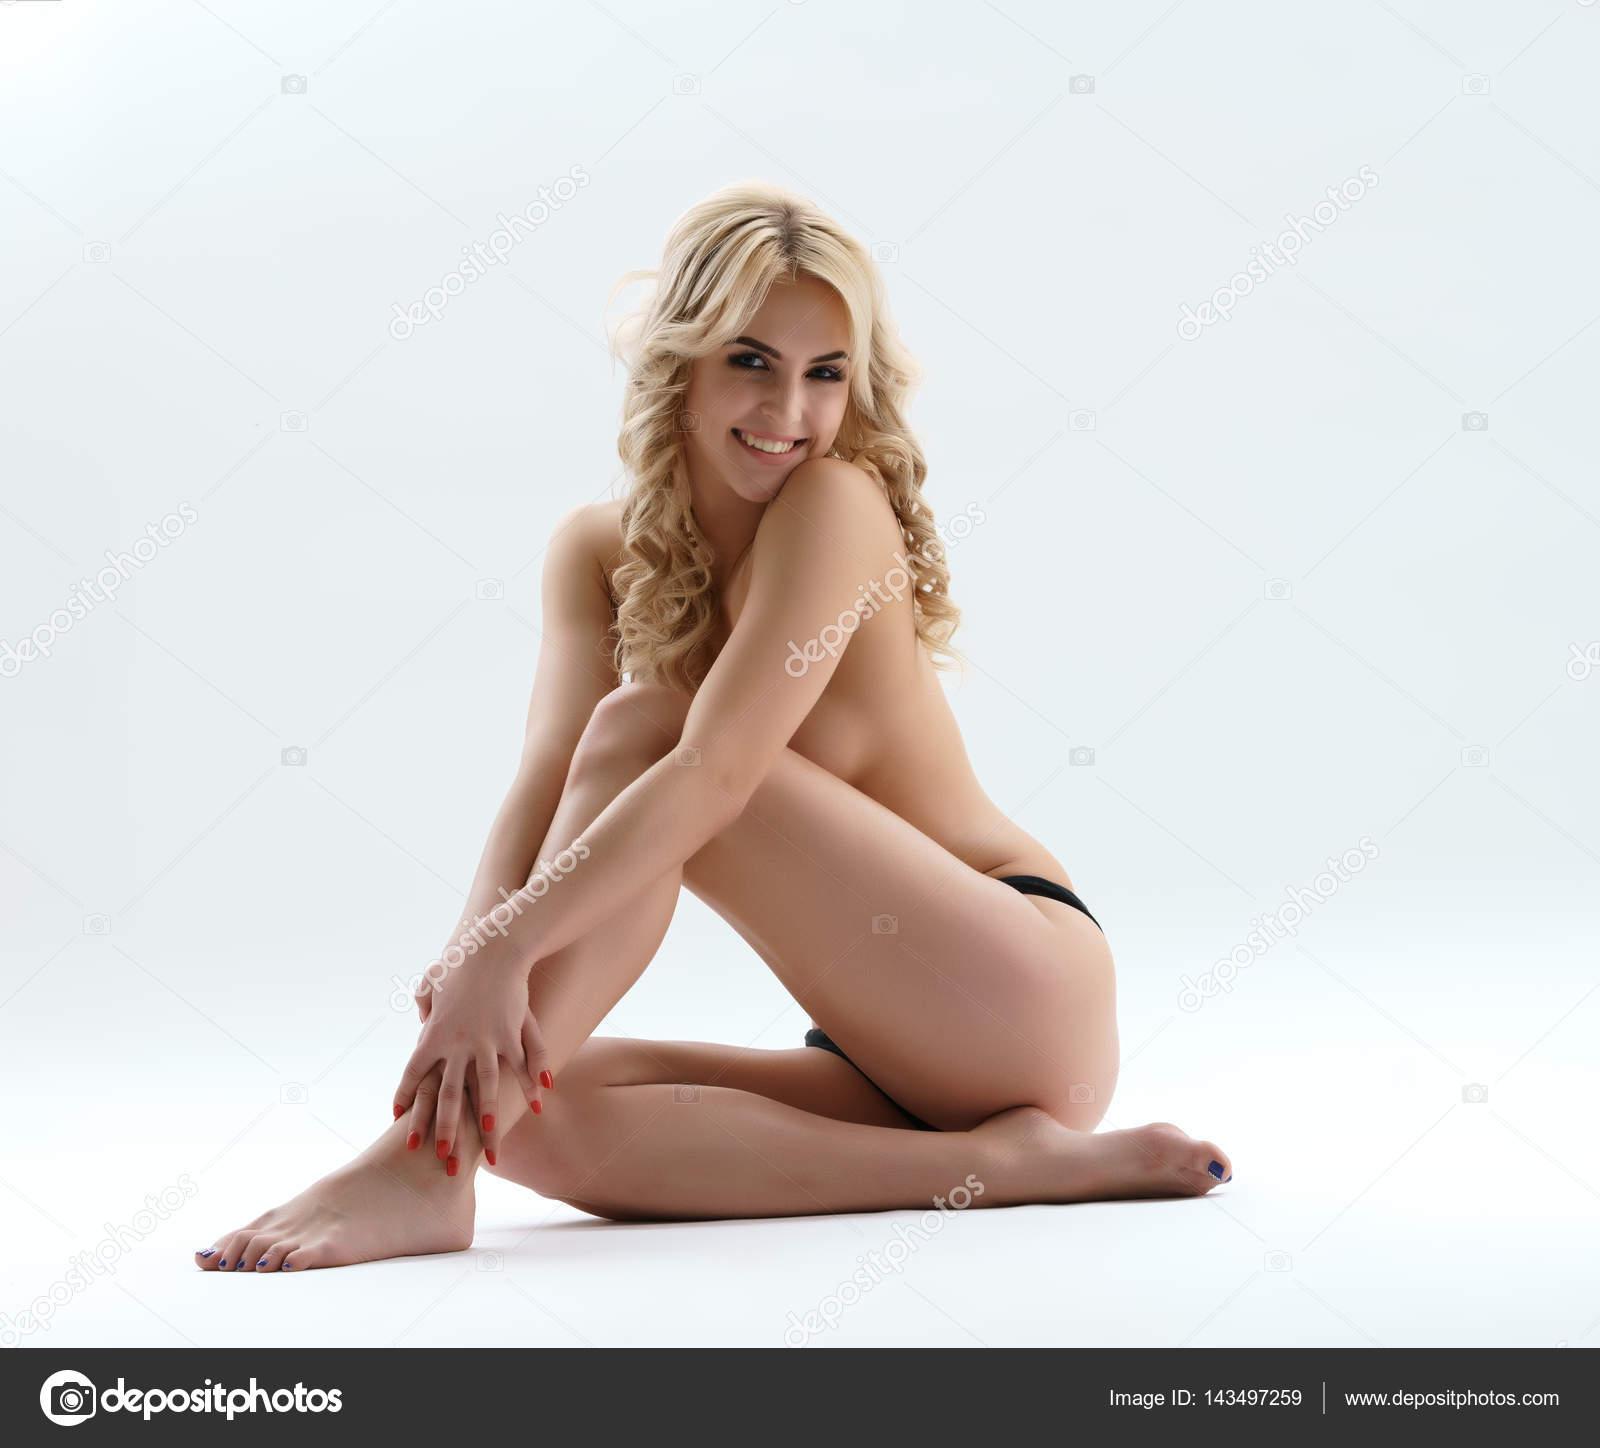 erotika-foto-kucheryavaya-blondinka-golaya-kachestvennaya-erotika-video